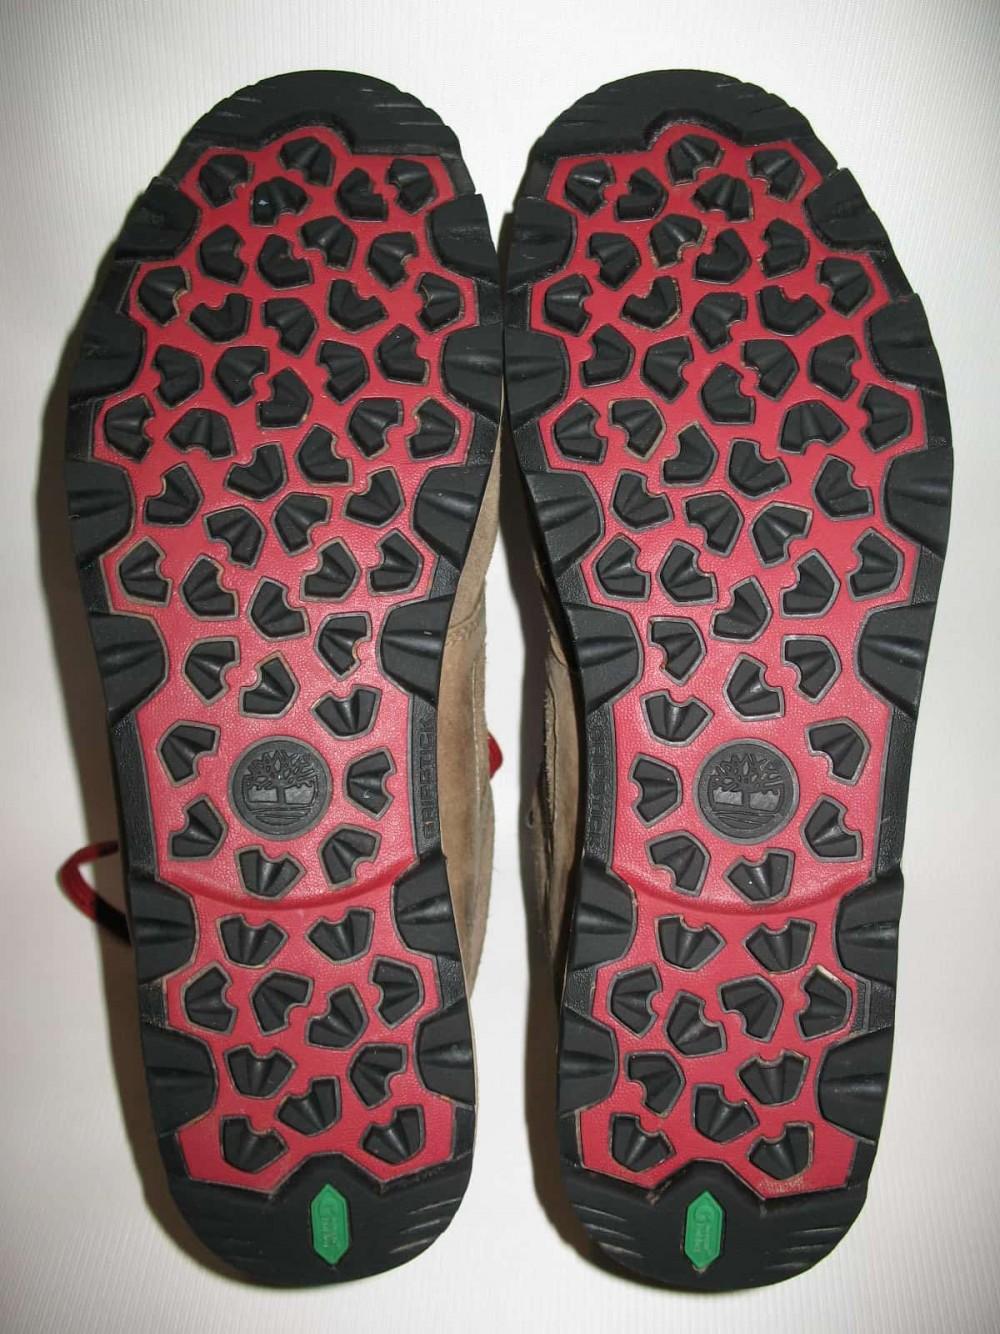 Ботинки TIMBERLAND Ek GT Scramble shoes(размер US9.5/UK9/EU43.5(на стопу до 275 mm)) - 7